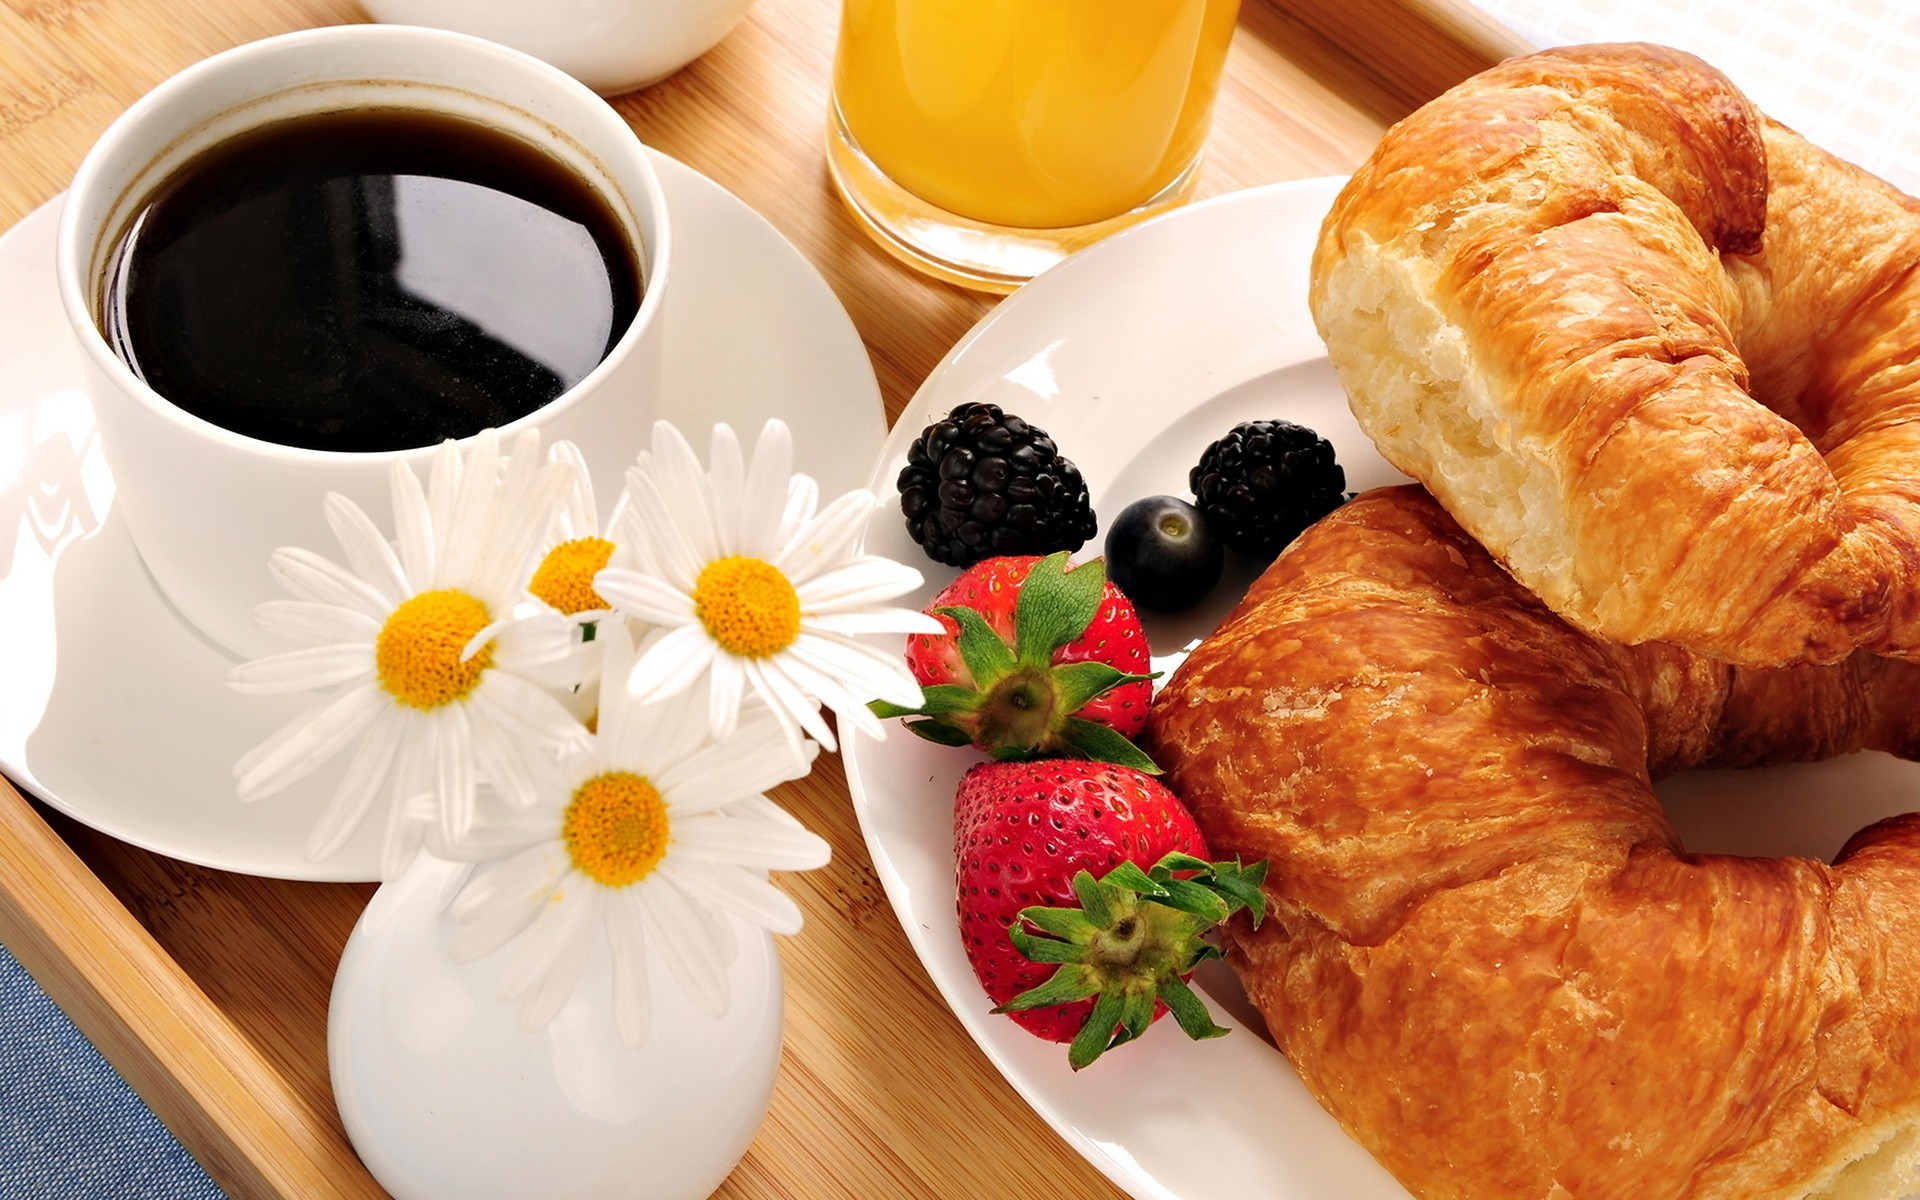 Decoracion para desayunos - 1920x1200